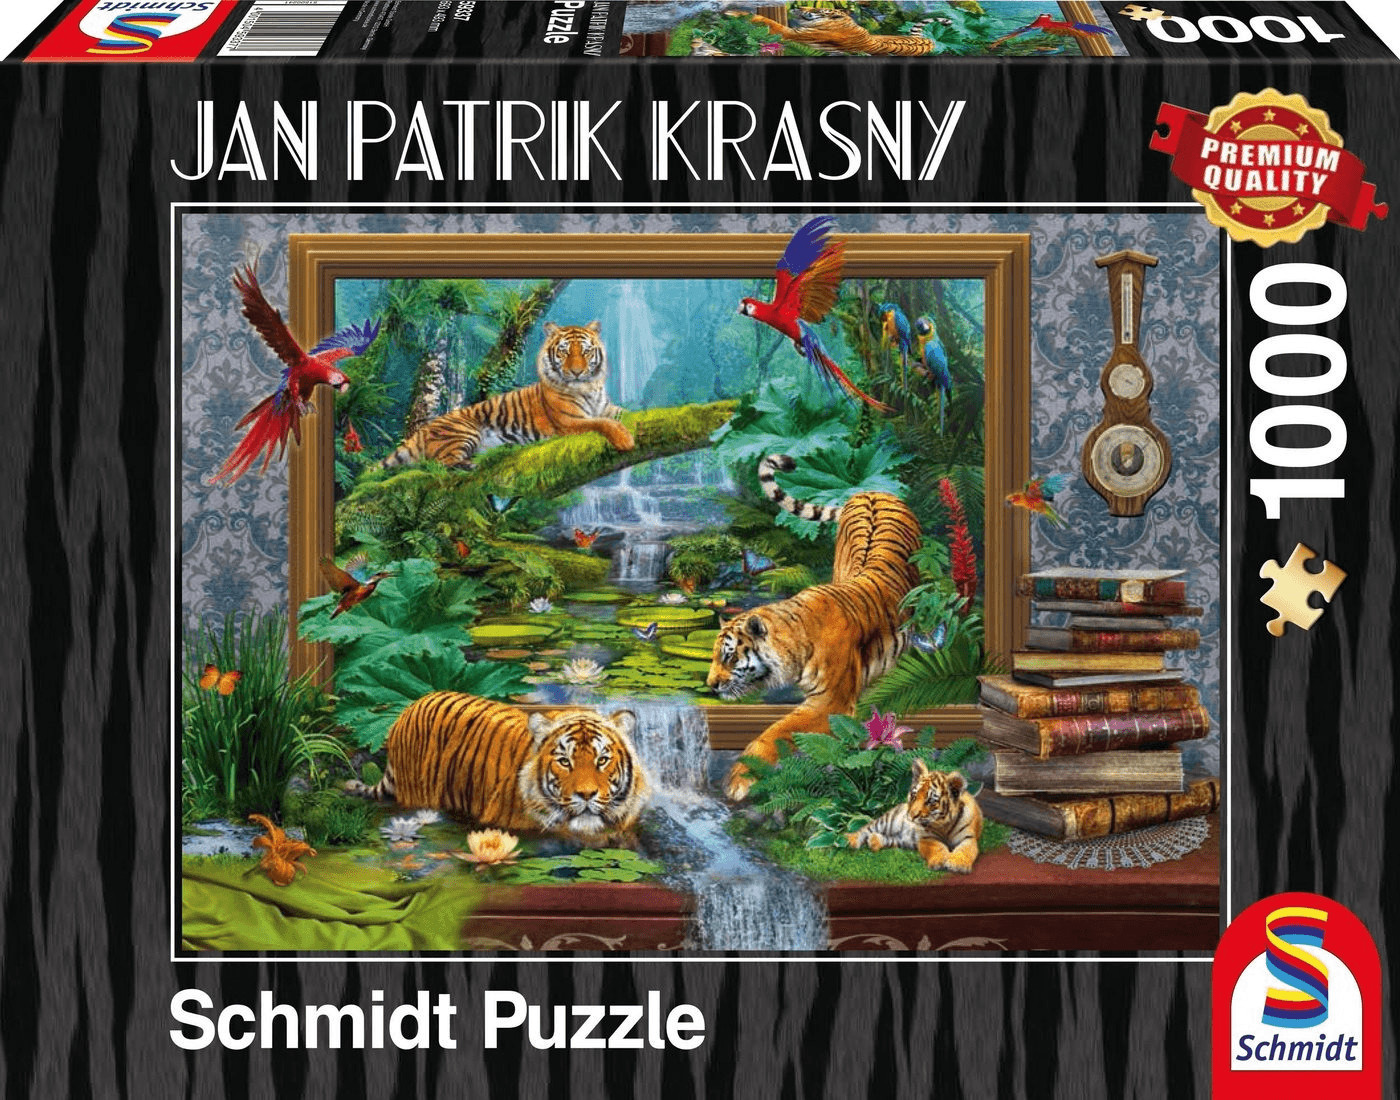 Schmidt-Spiele Jan Patrik Krasny: Tiger im Dschungel - Zum Leben erwacht (1000 Teile)